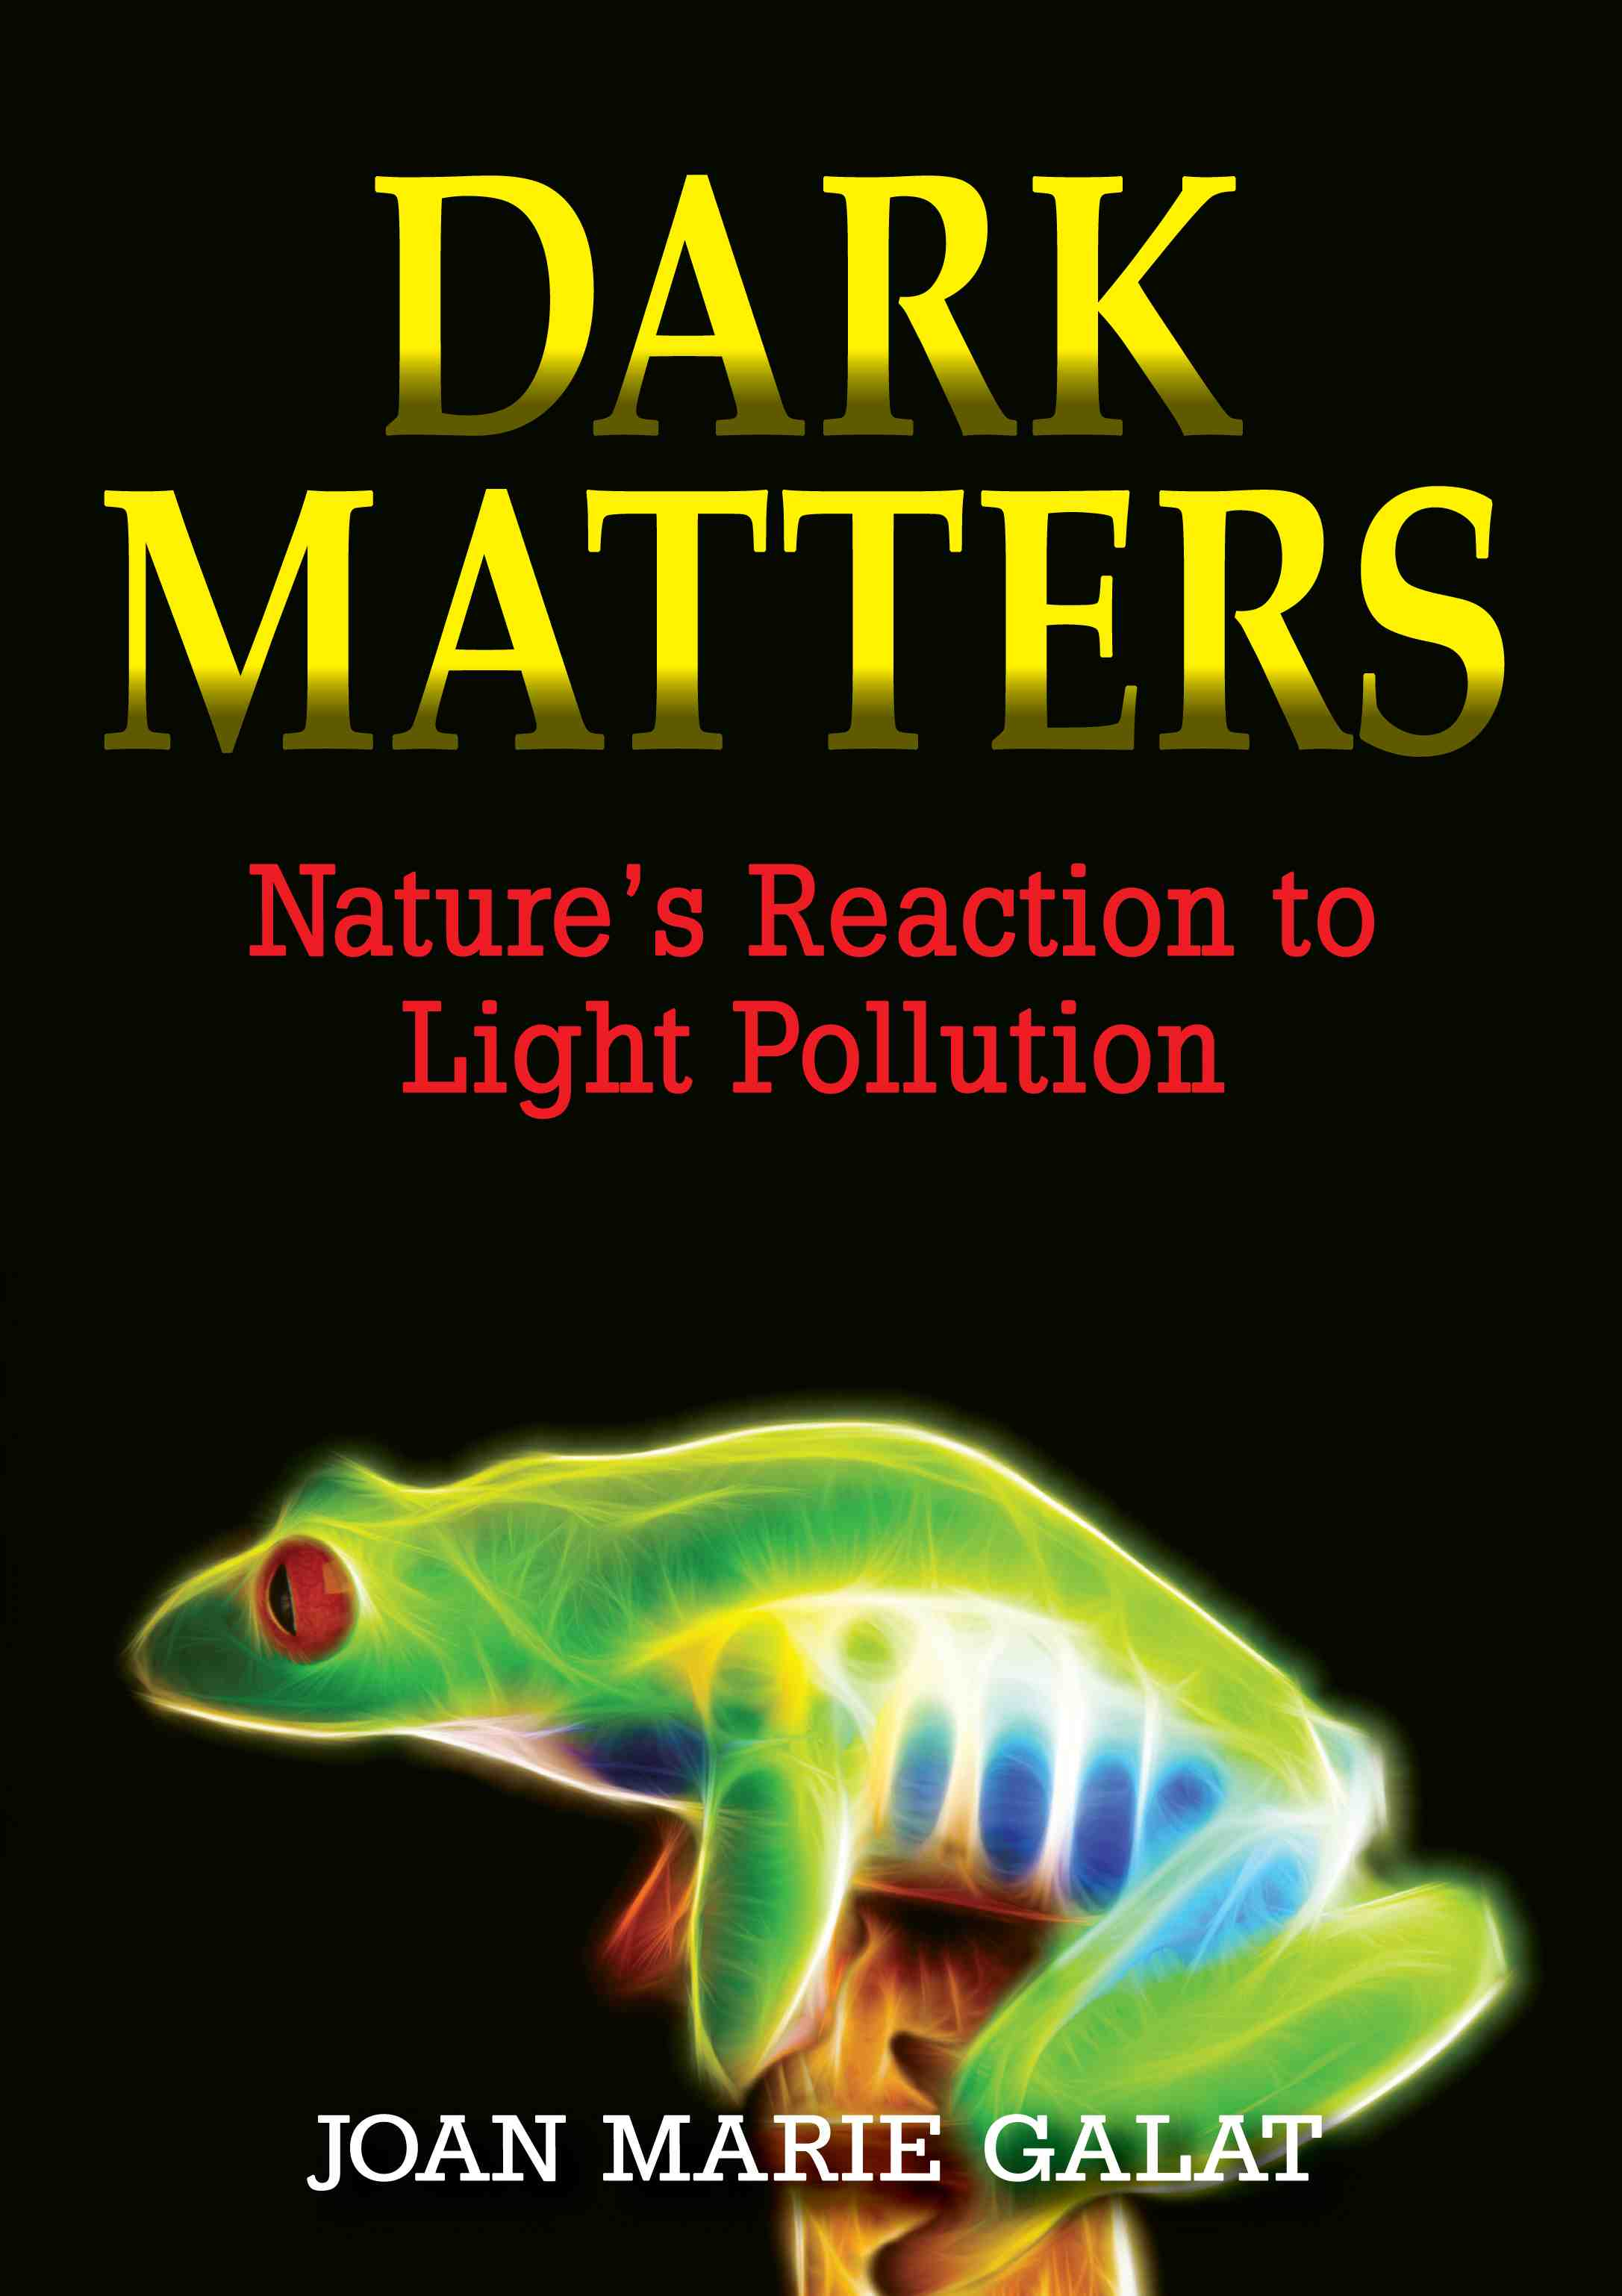 Dark Matters - final cover (hi-res)